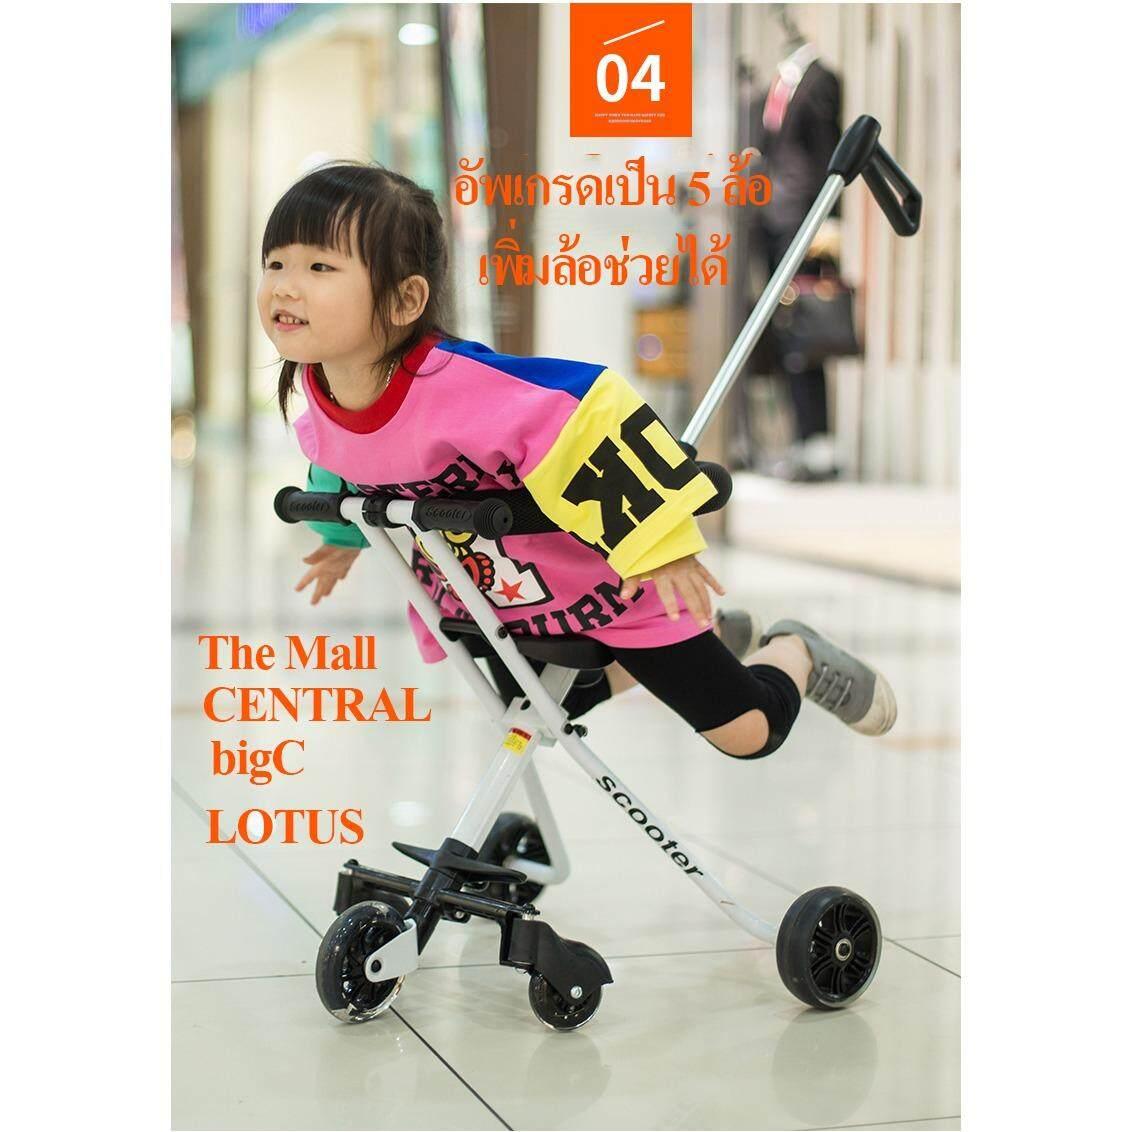 รีวิว Bellamall อุปกรณ์เสริมรถเข็นเด็ก Bellamall: แม่เด็กทารกที่ทนทานกิจกรรมจัดหาเด็กทารกแรกเกิดที่นอน Handbell รถเข็นเด็กแขวน Handbell Soft ของเล่นเขย่ามือตุ๊กตา - INTL เคลมสินค้าได้